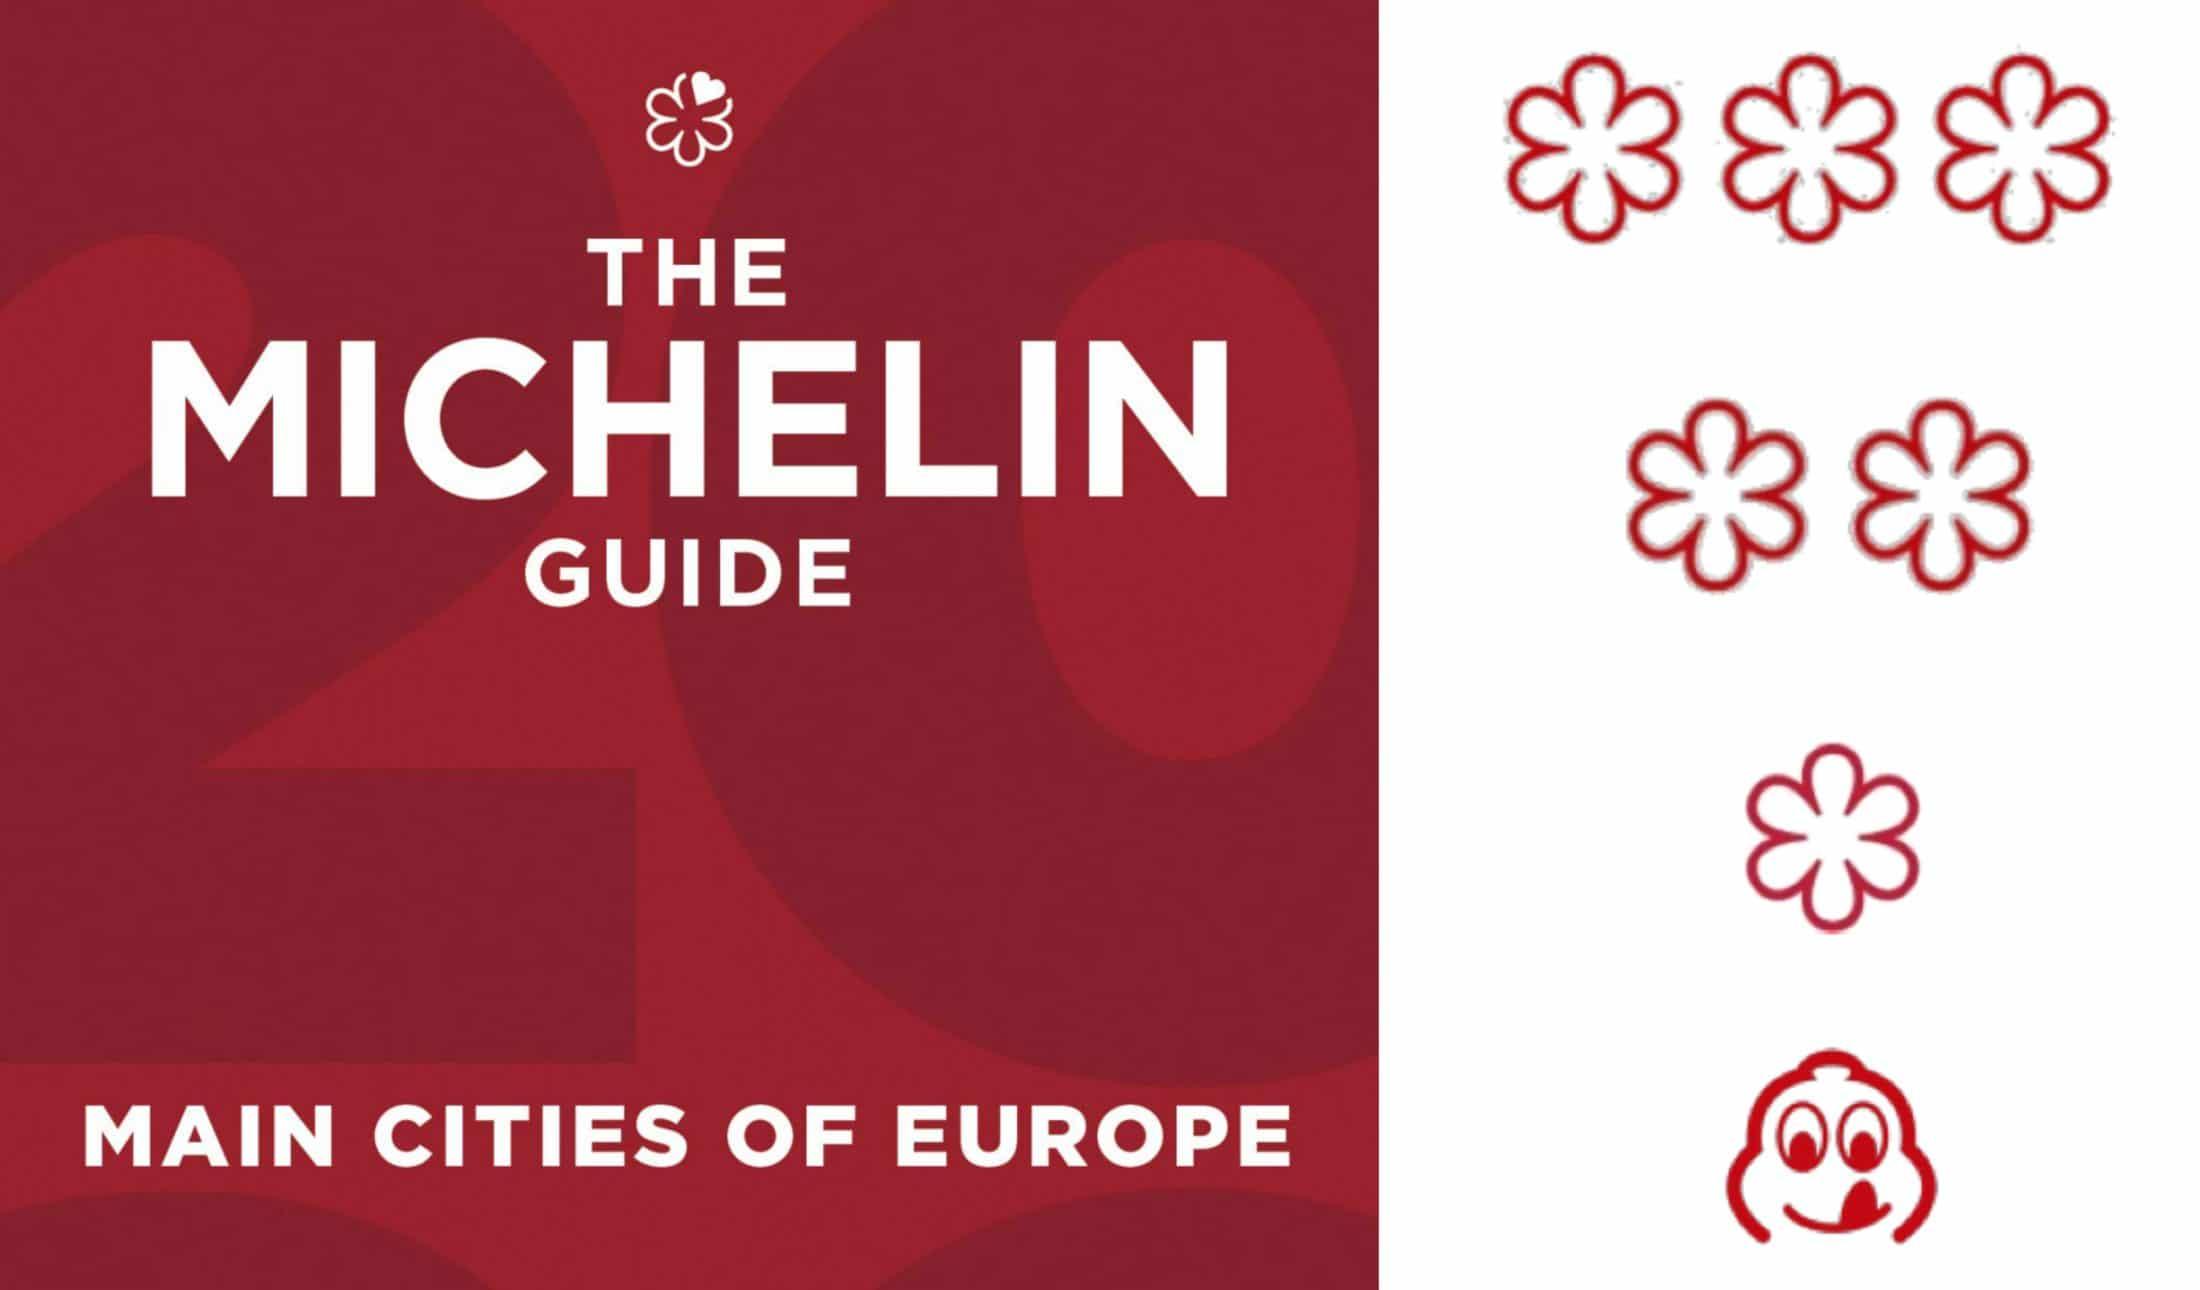 Hogyan lettünk sereghajtók a Michelin Guide szerint Közép-Európában?